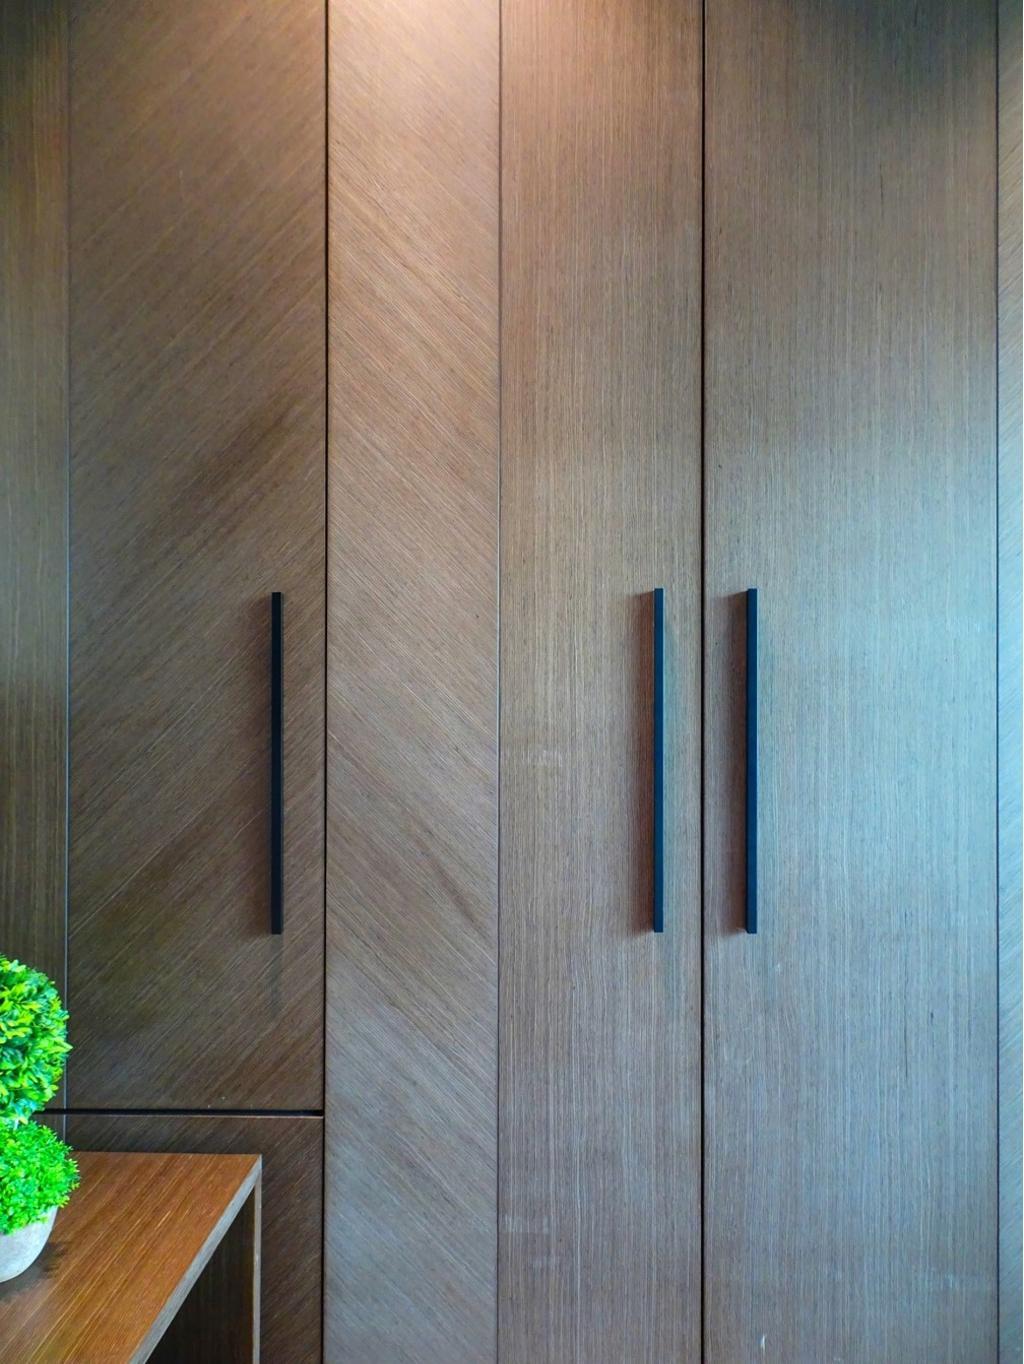 摩登, 私家樓, 睡房, 粉嶺牽晴間, 室內設計師, 禾烽室內設計, 當代